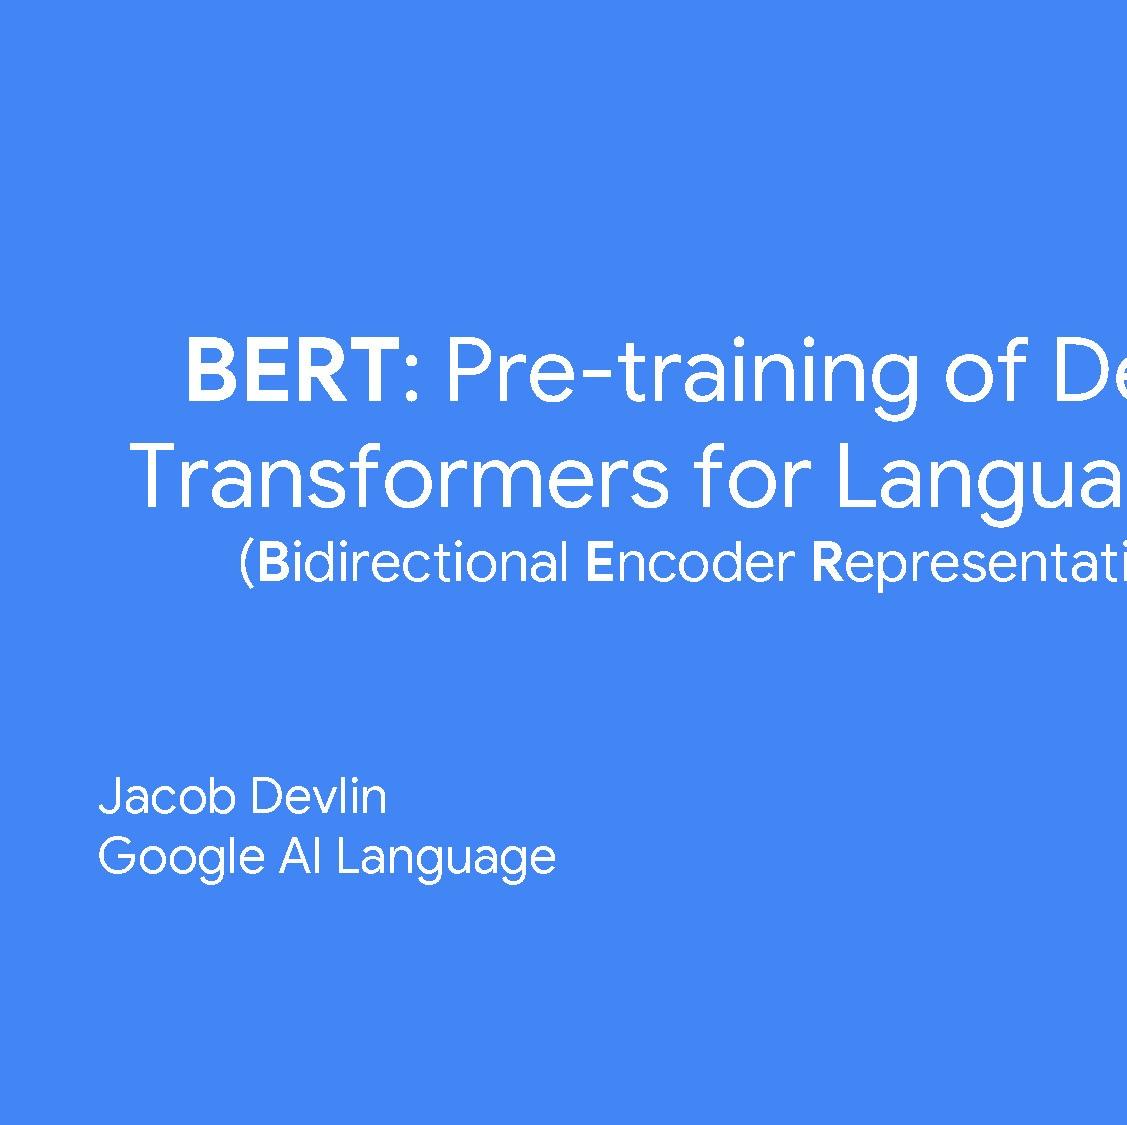 BERT一作Jacob Devlin斯坦福演讲PPT:BERT介绍与答疑